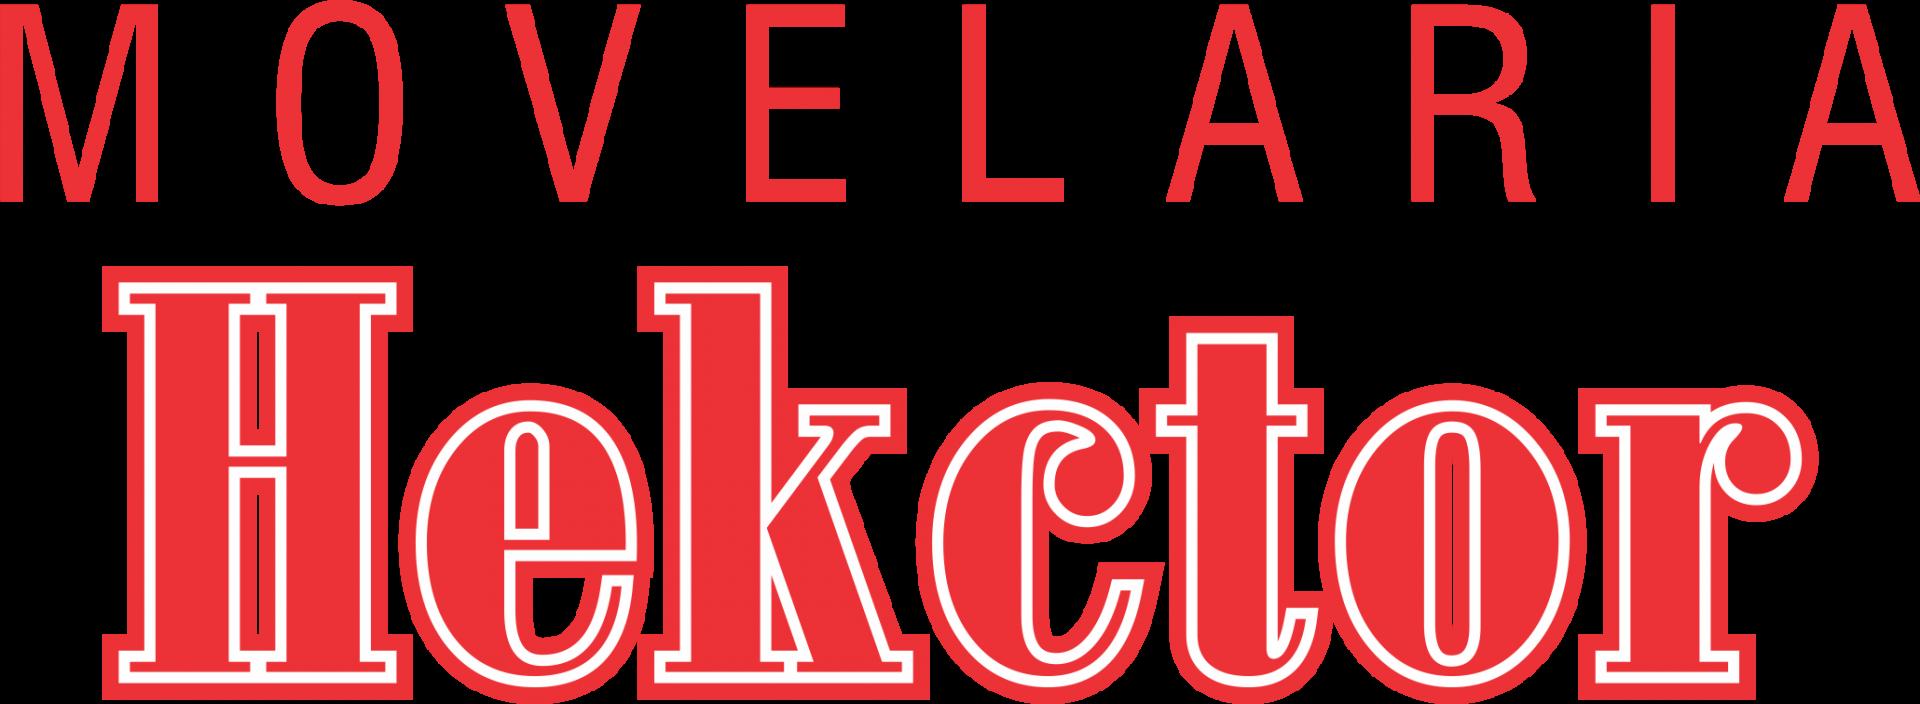 Logotipo Movelaria Hekctor